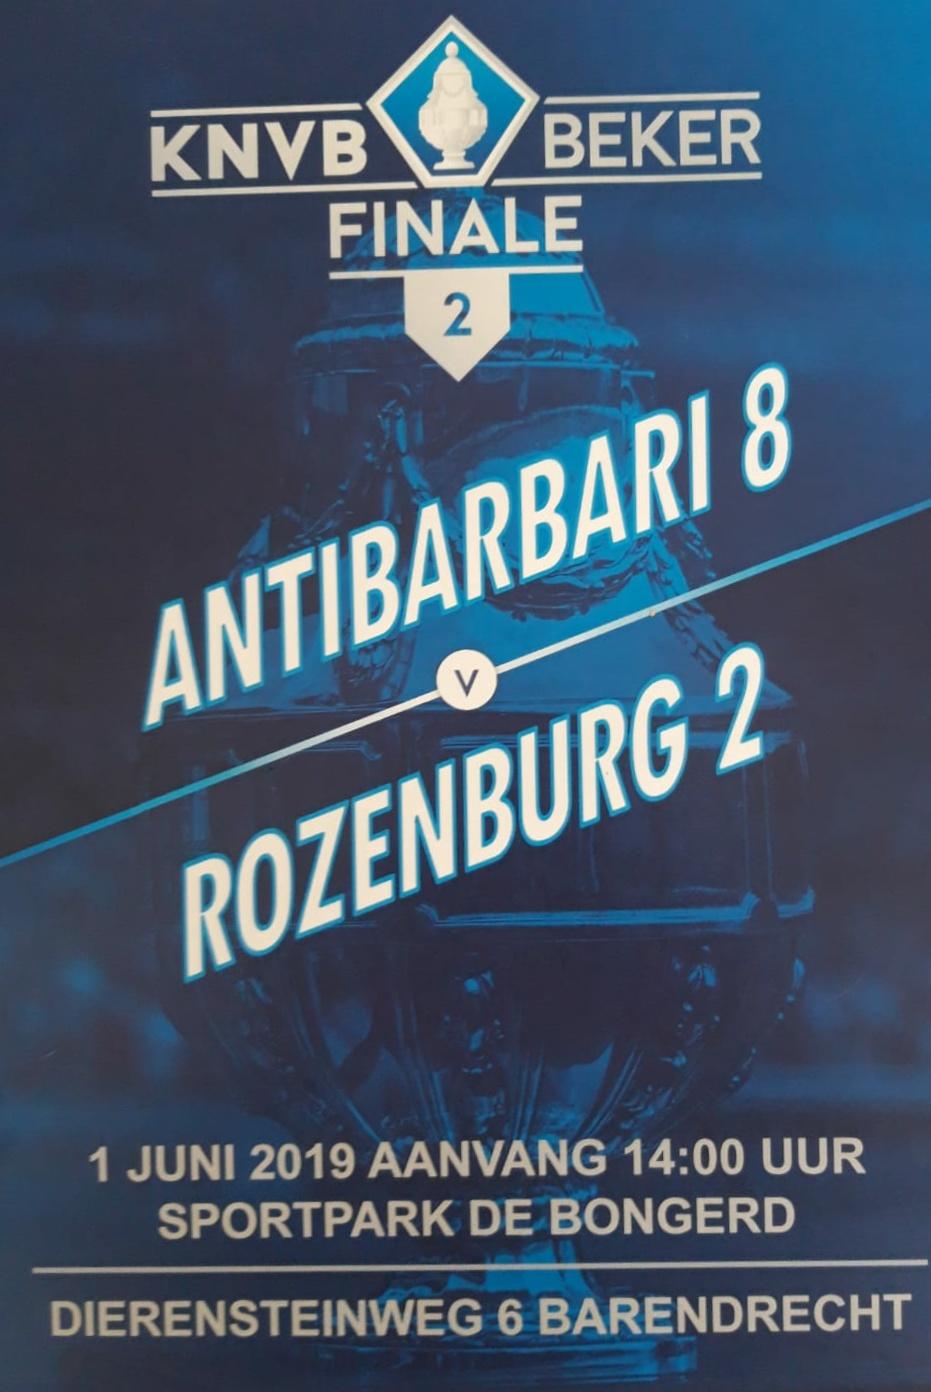 Bekerfinale voor Rozenburg 2